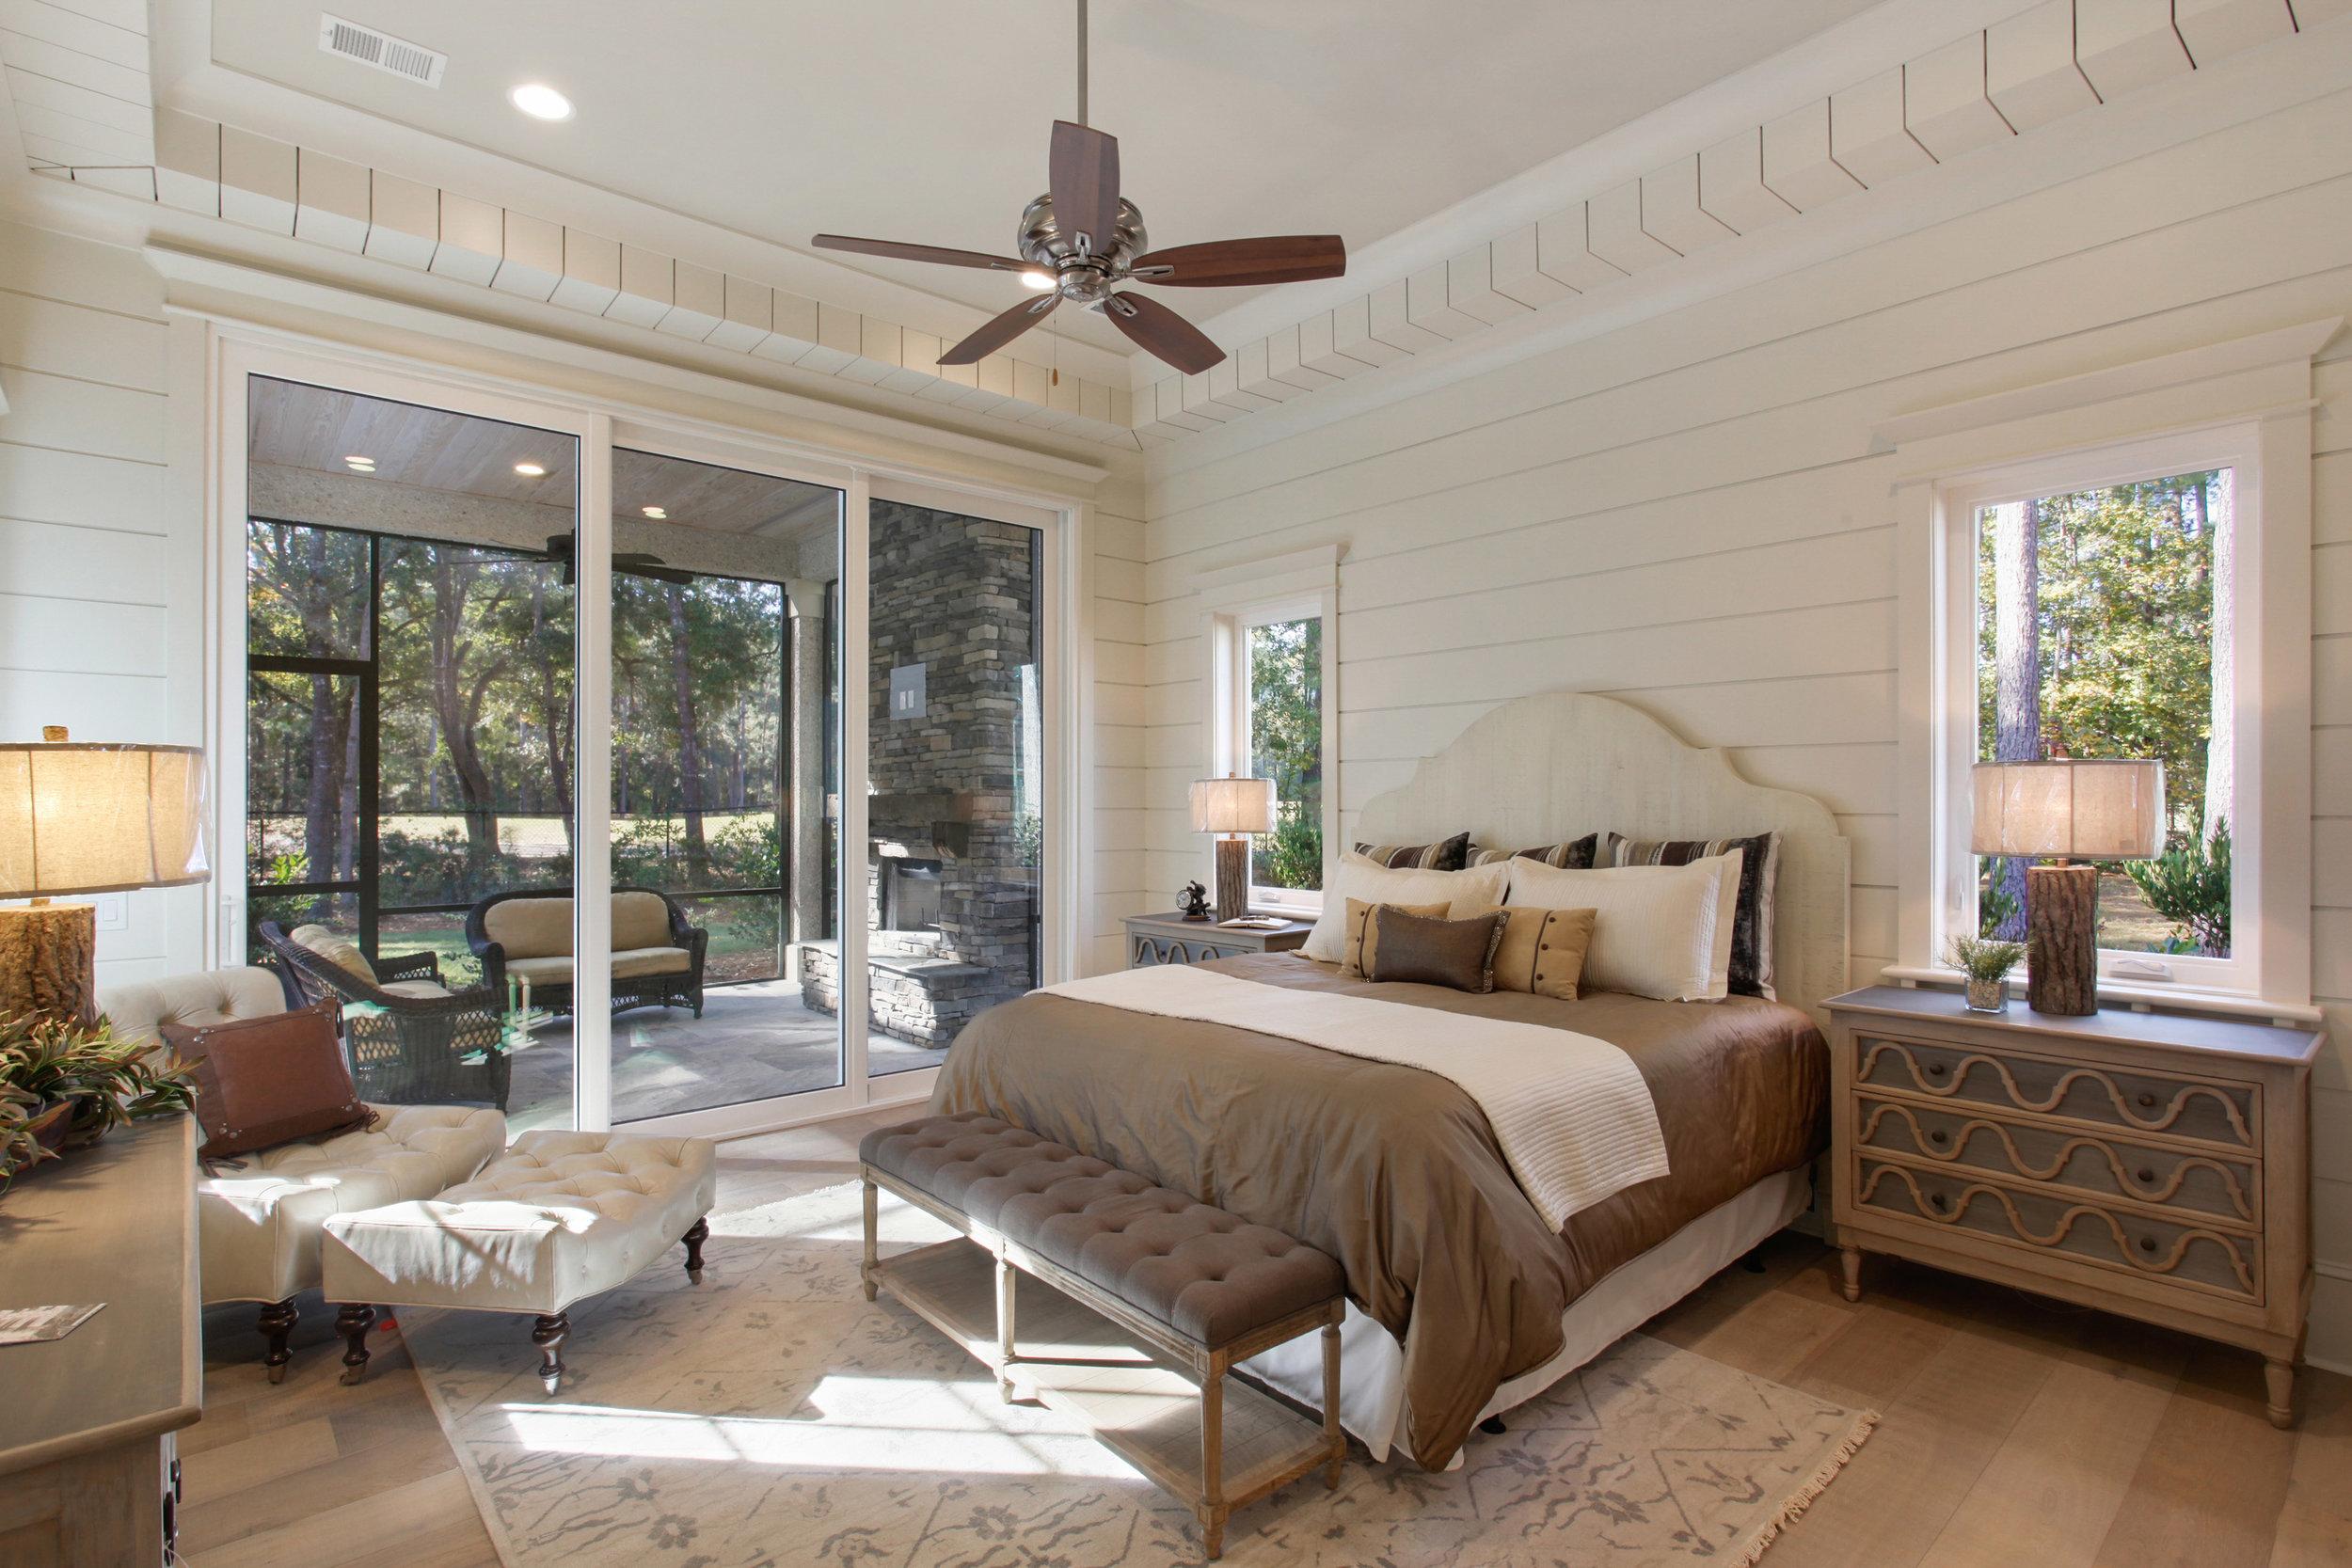 Restful Master Bedroom Retreat